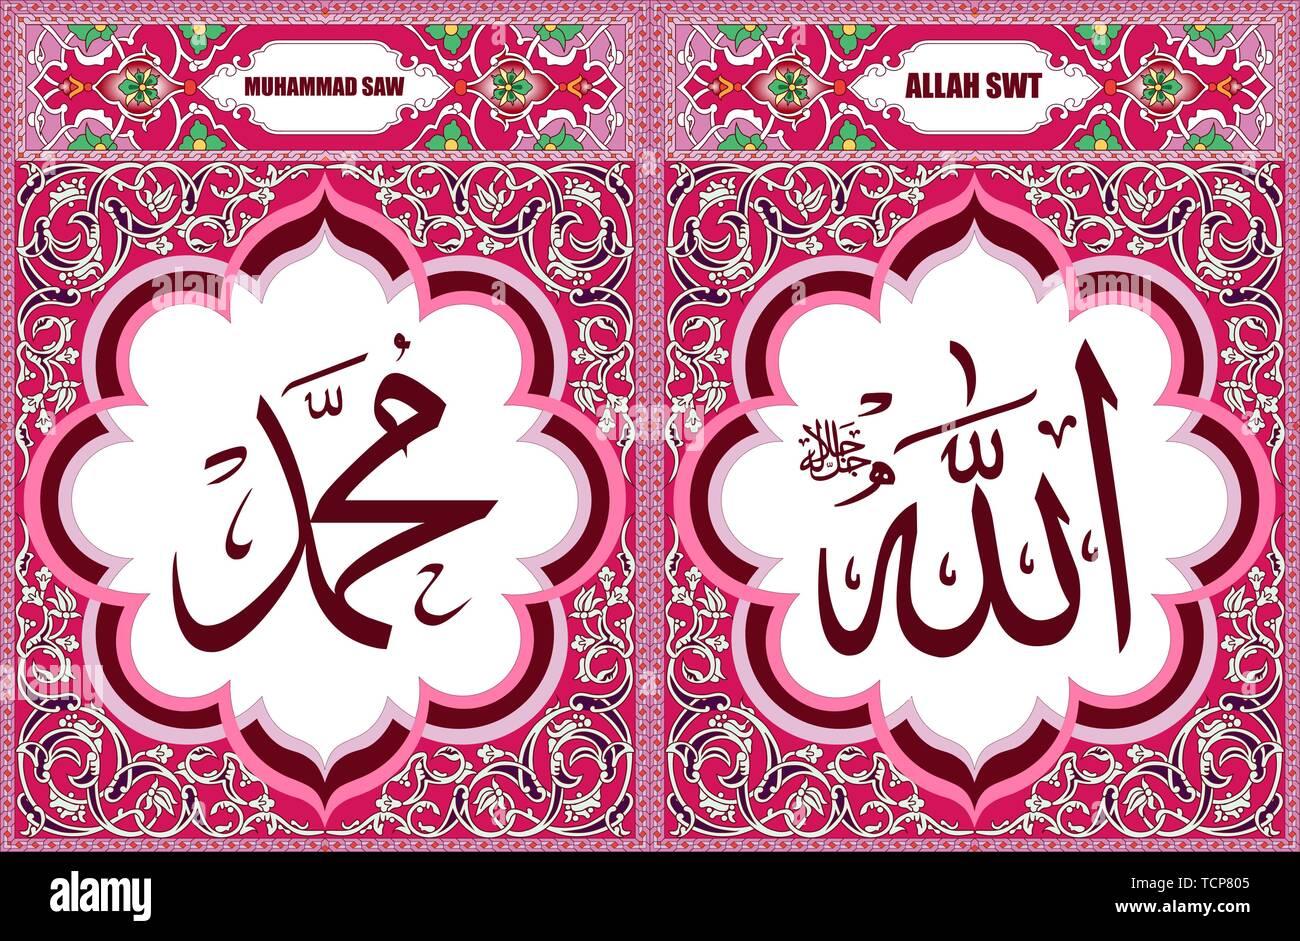 Allah & Muhammad Islamic Art decorating wall art - Stock Vector